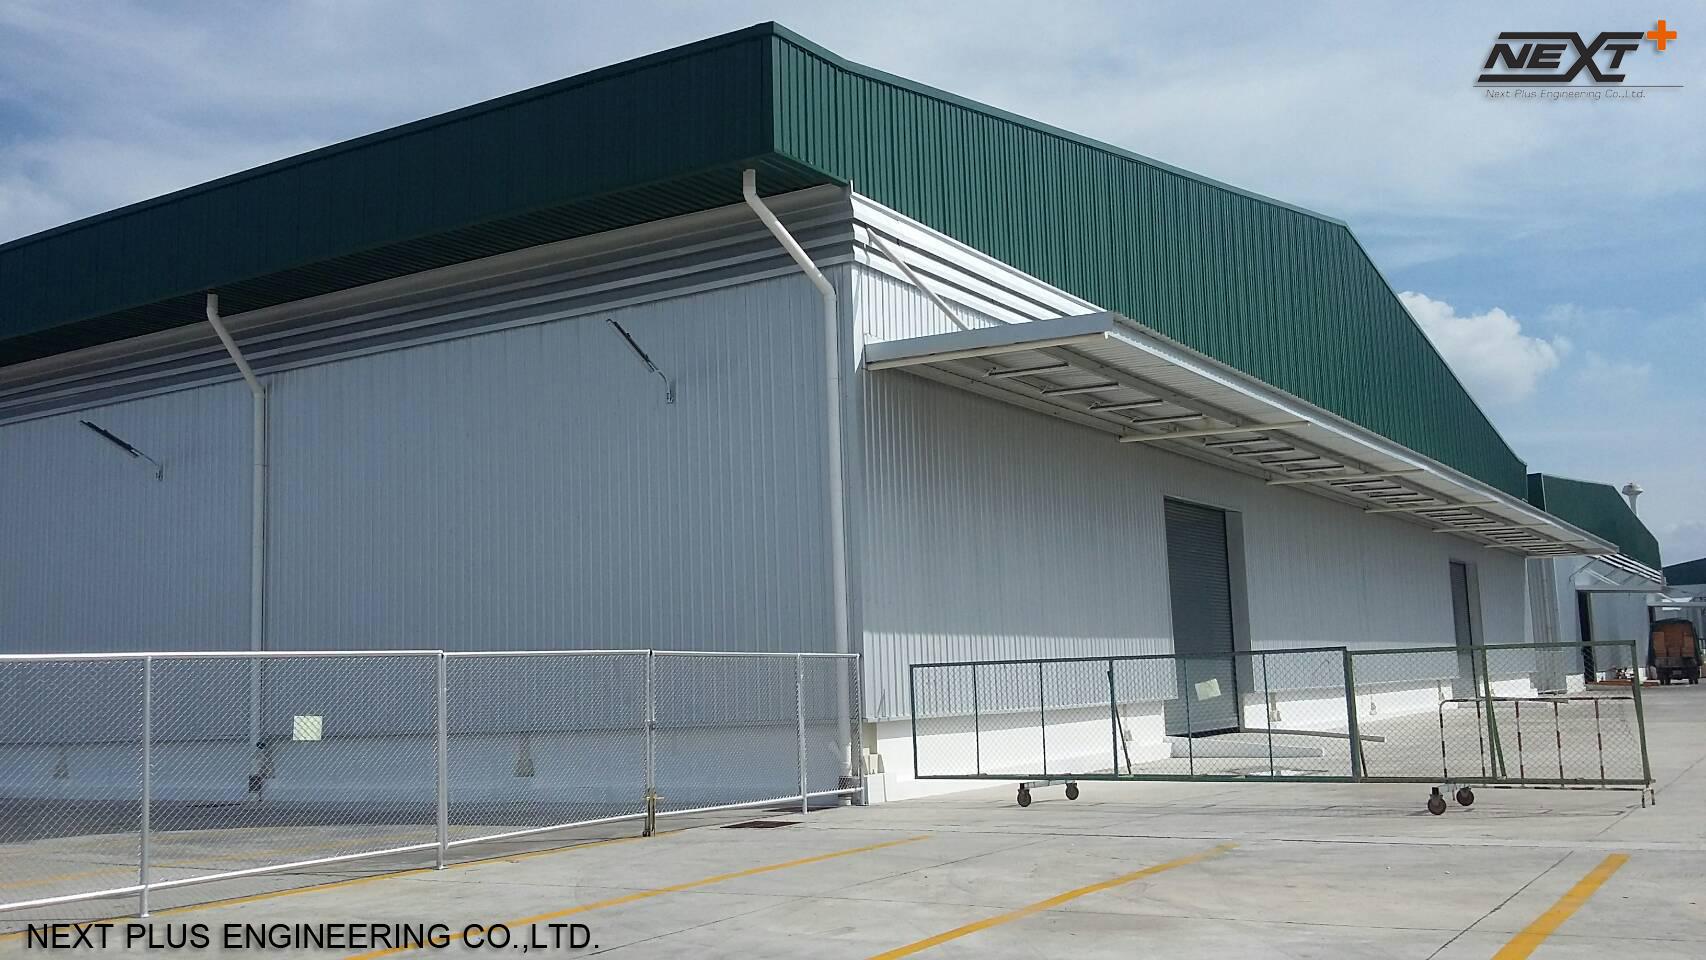 บริษัท แคล-คอมพ์ อีเล็คโทรนิคส์ (ประเทศไทย) สาขาเพชรบุรี โกดัง ที่2 1